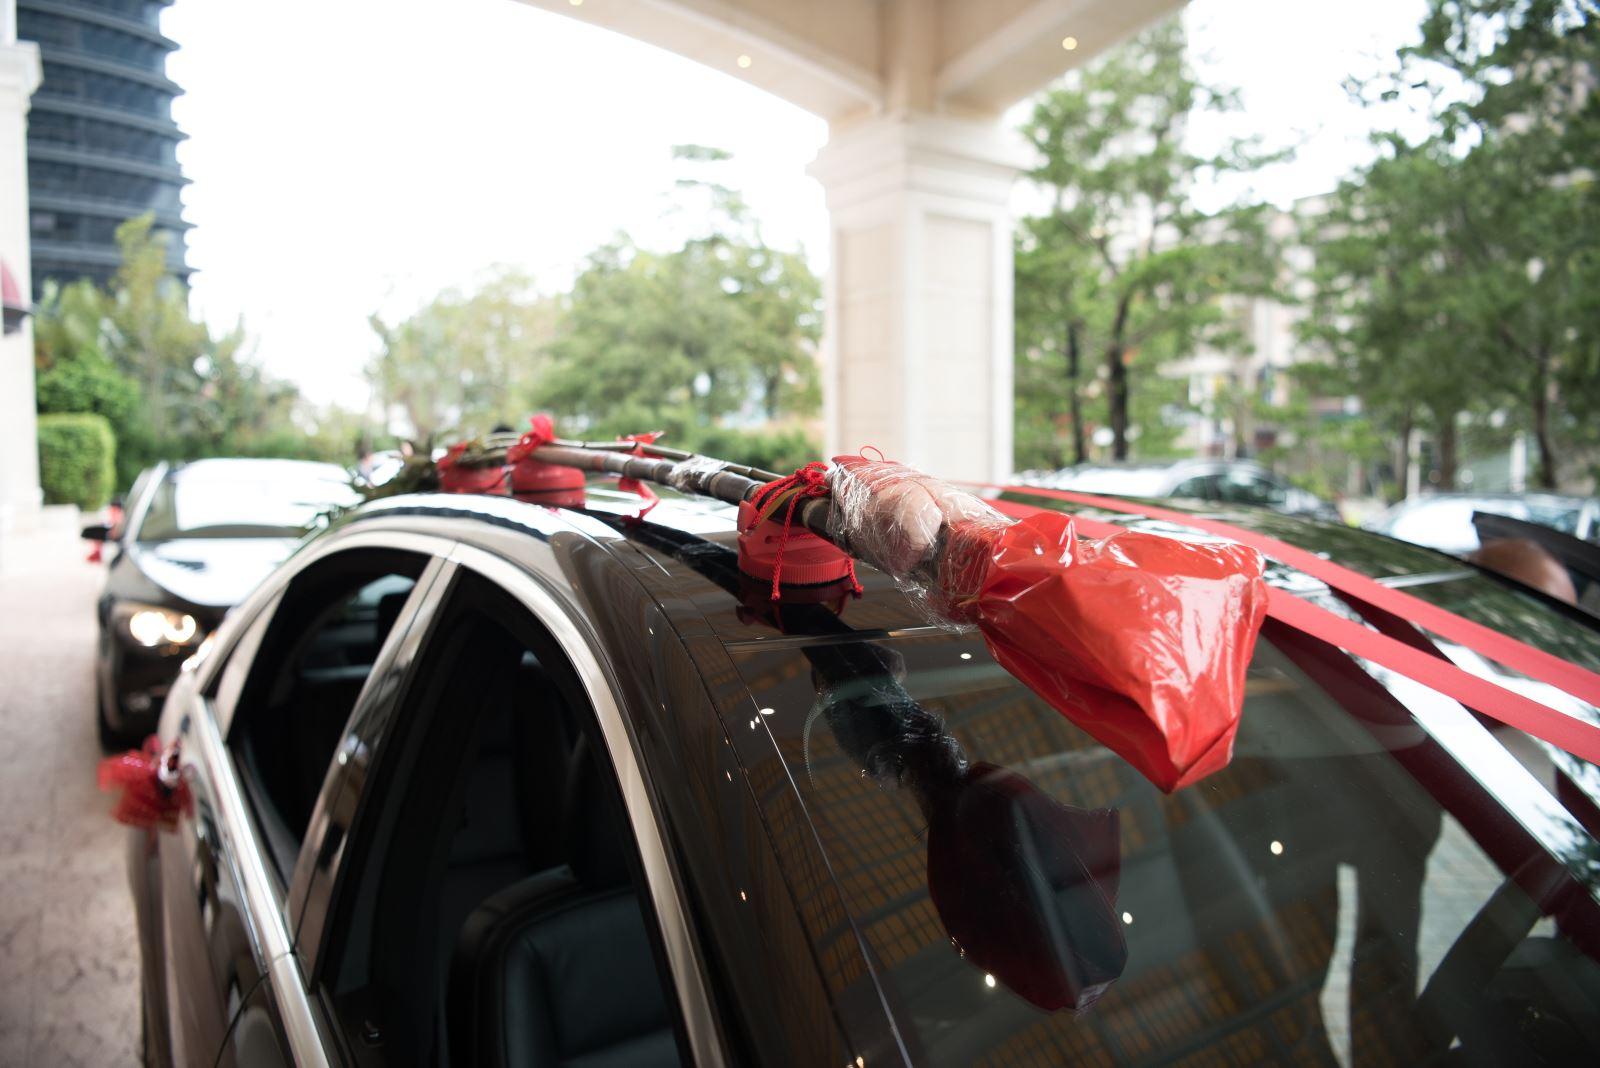 婚禮主持人代購新娘禮車上的甘蔗與豬肉